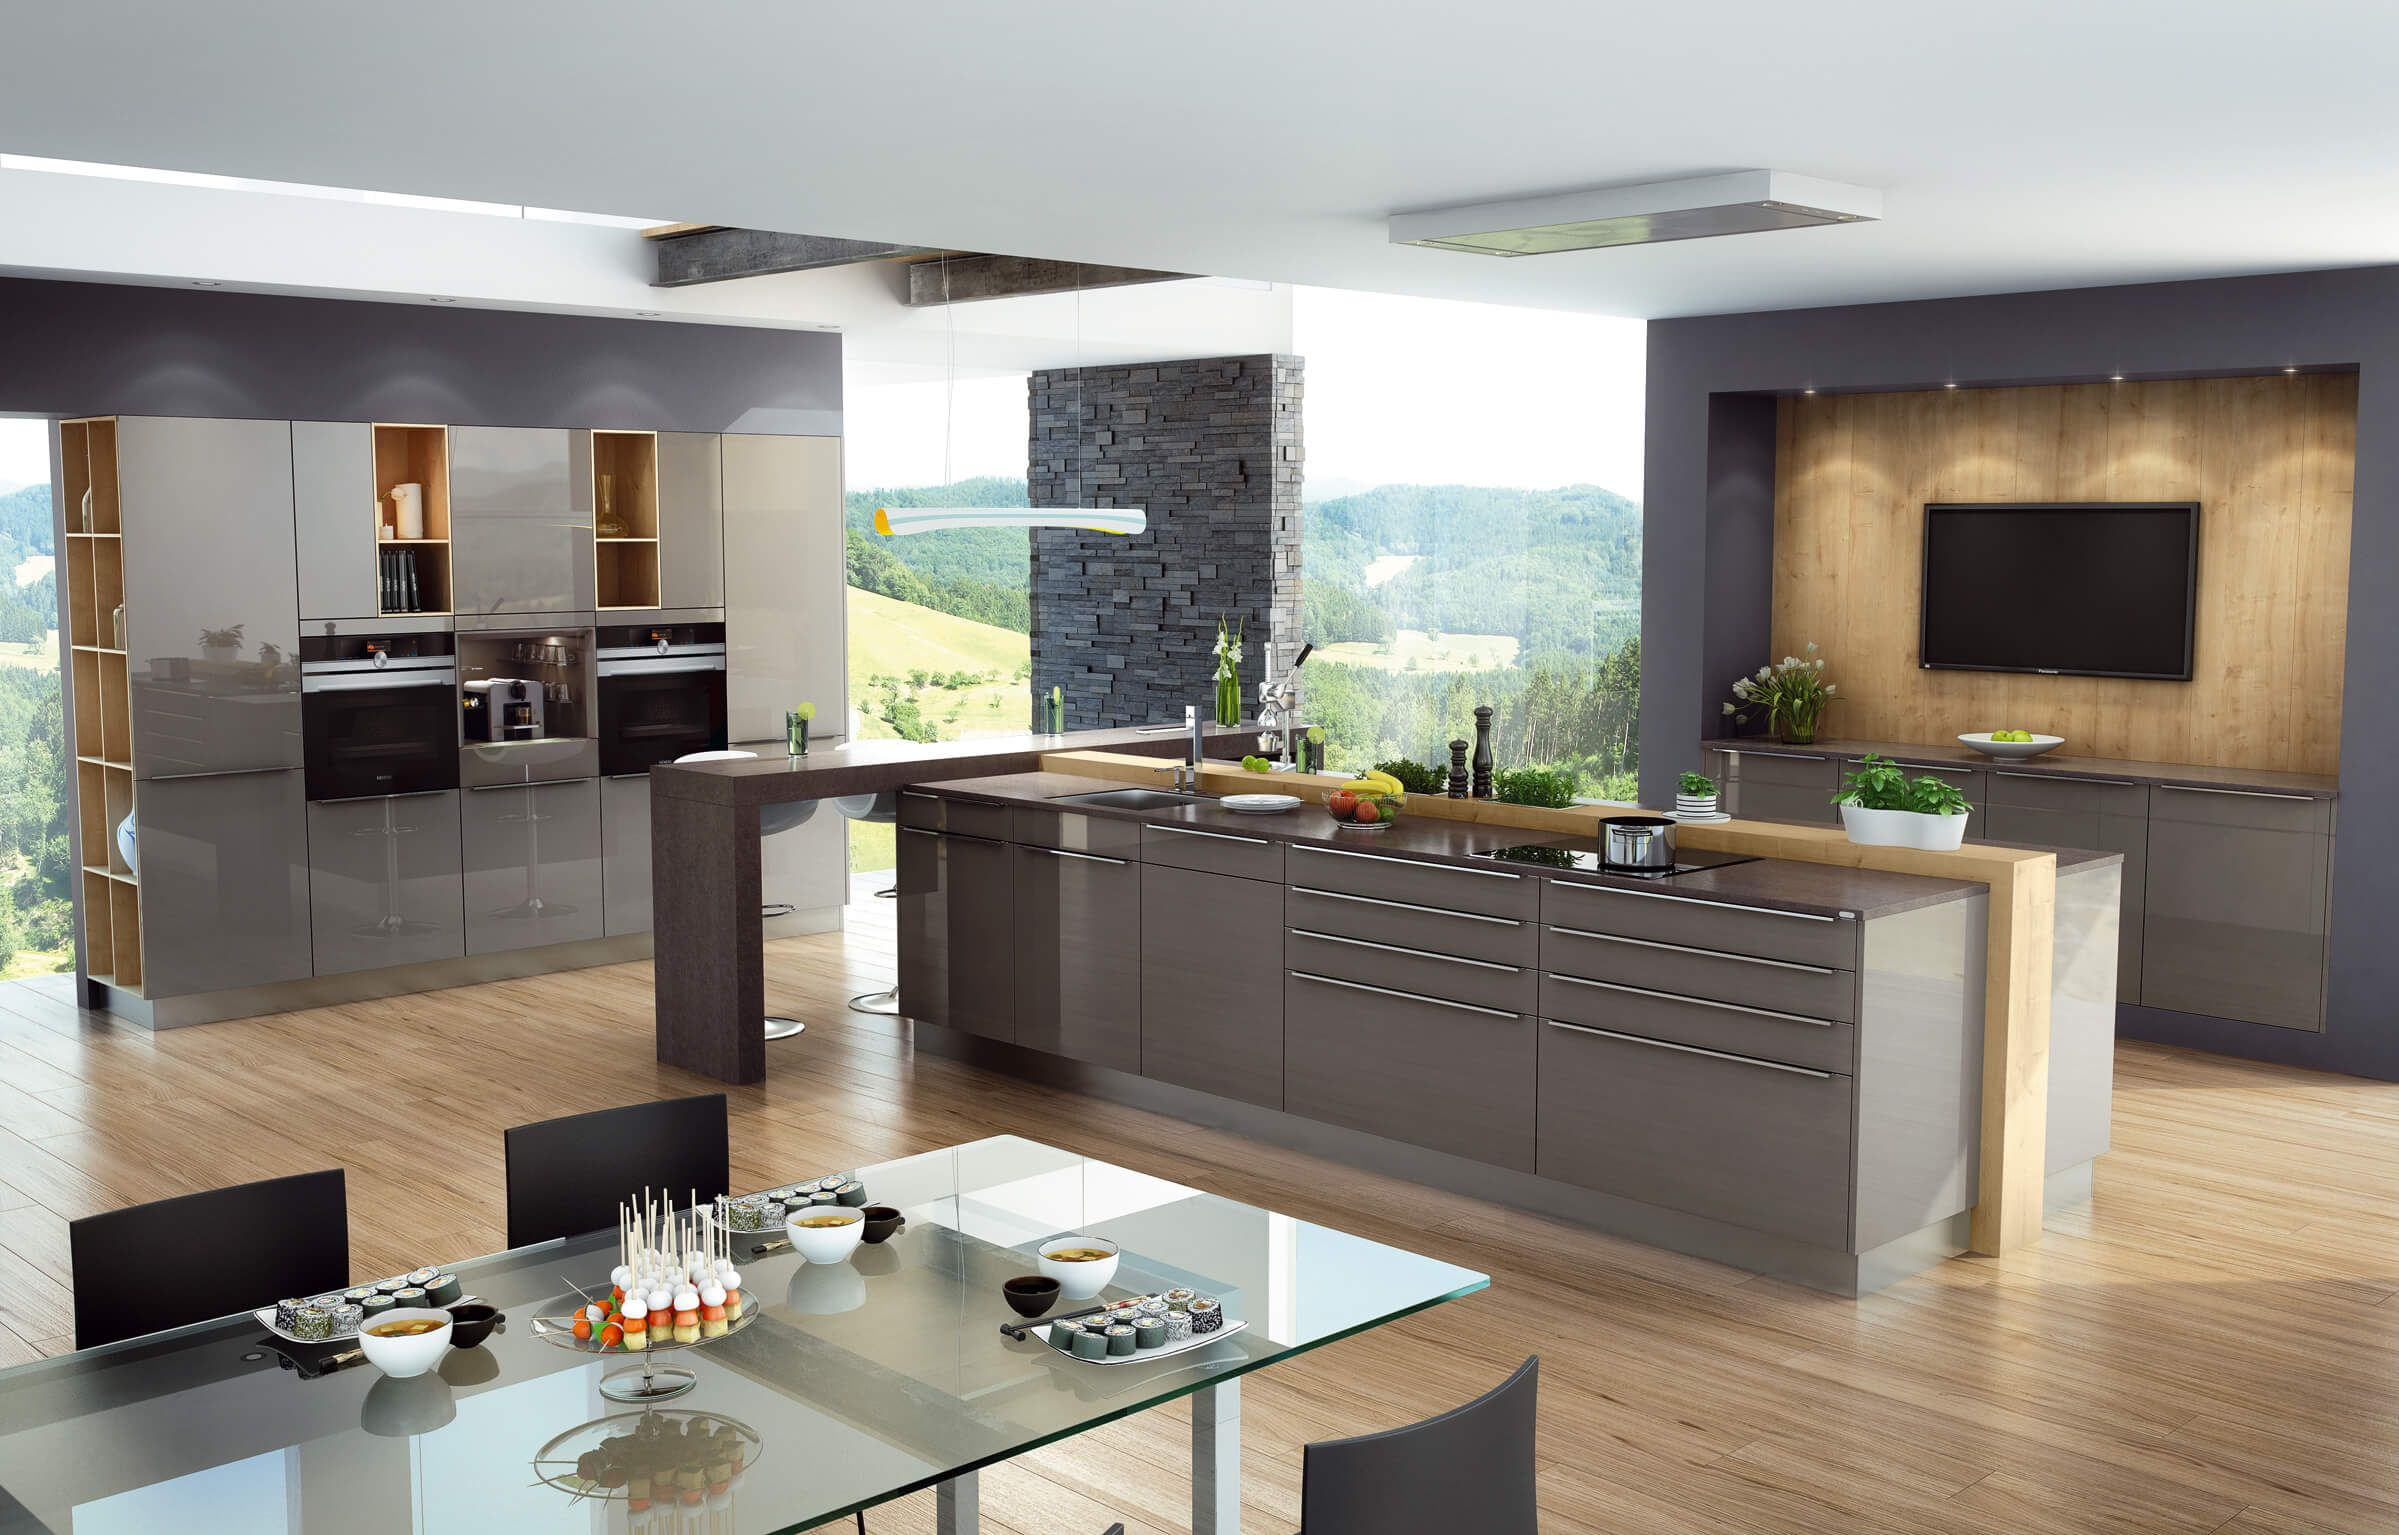 Kuche hochglanz grau fronten lack kuchenfronten for Küchenfronten hochglanz